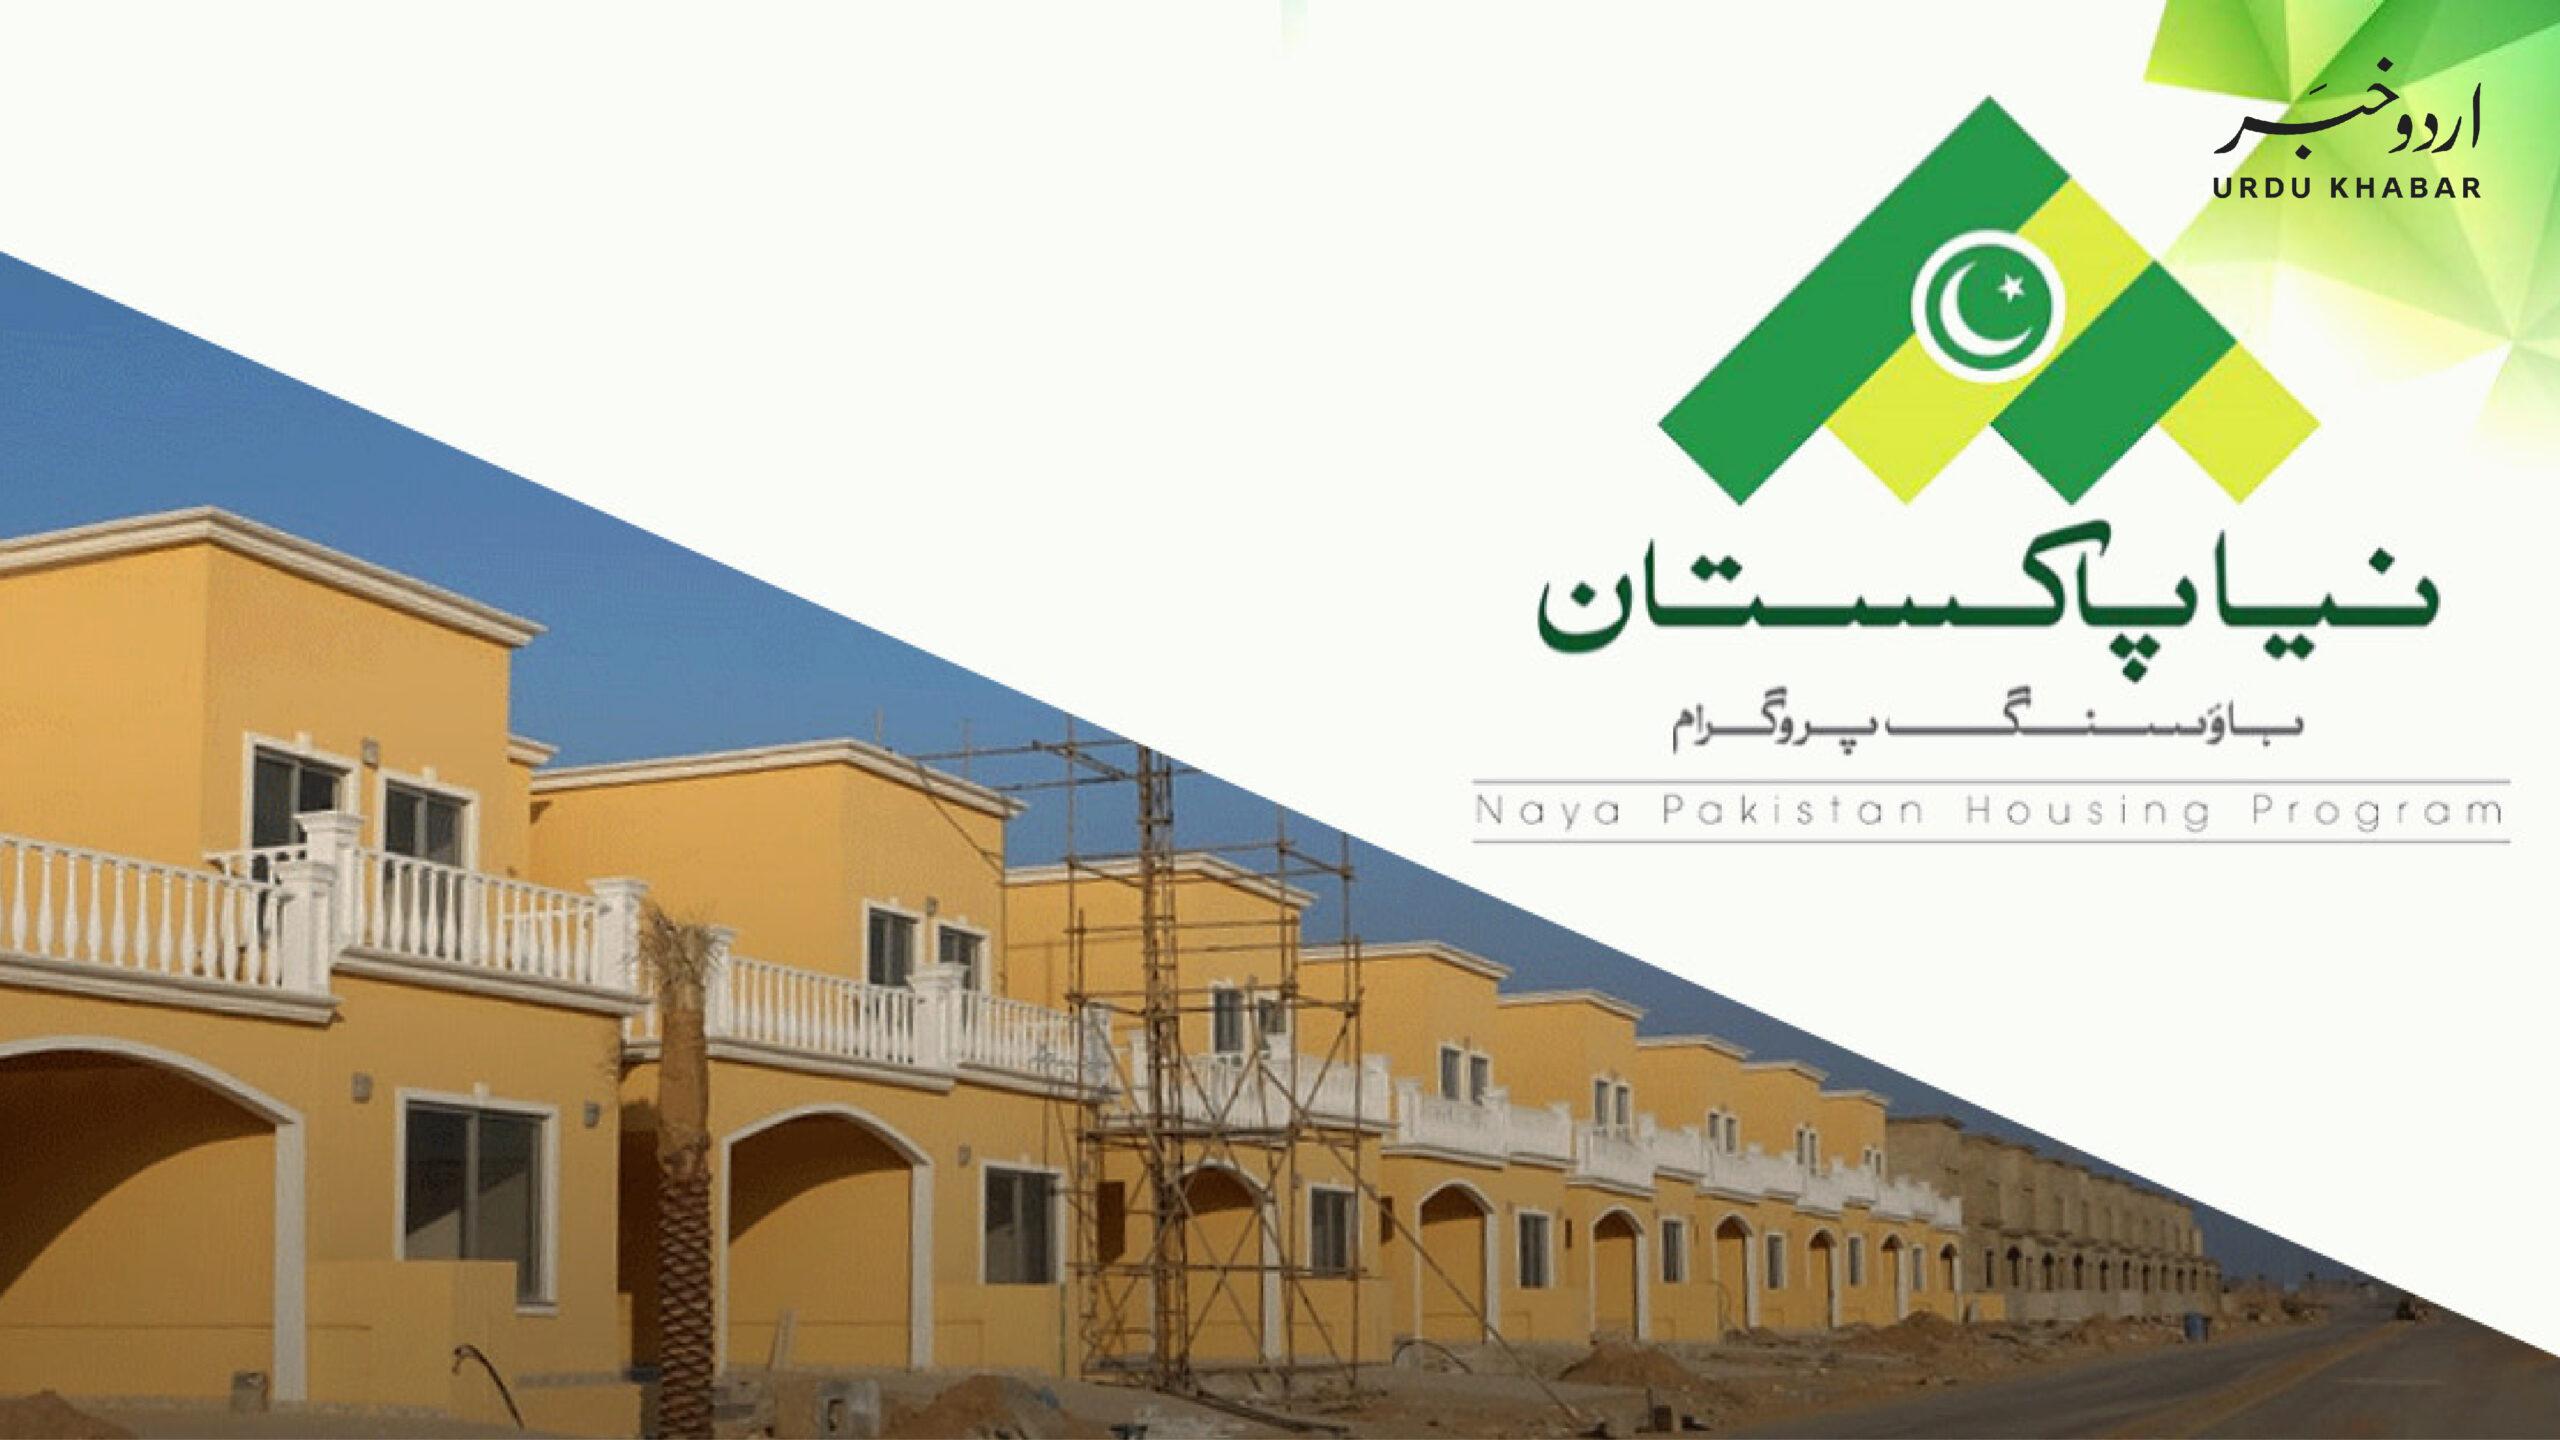 وزیر اعظم عمران خان نے نیا پاکستان ہاؤسنگ سکیم کے تحت مزدور طبقے میں مکانات تقسیم کئے